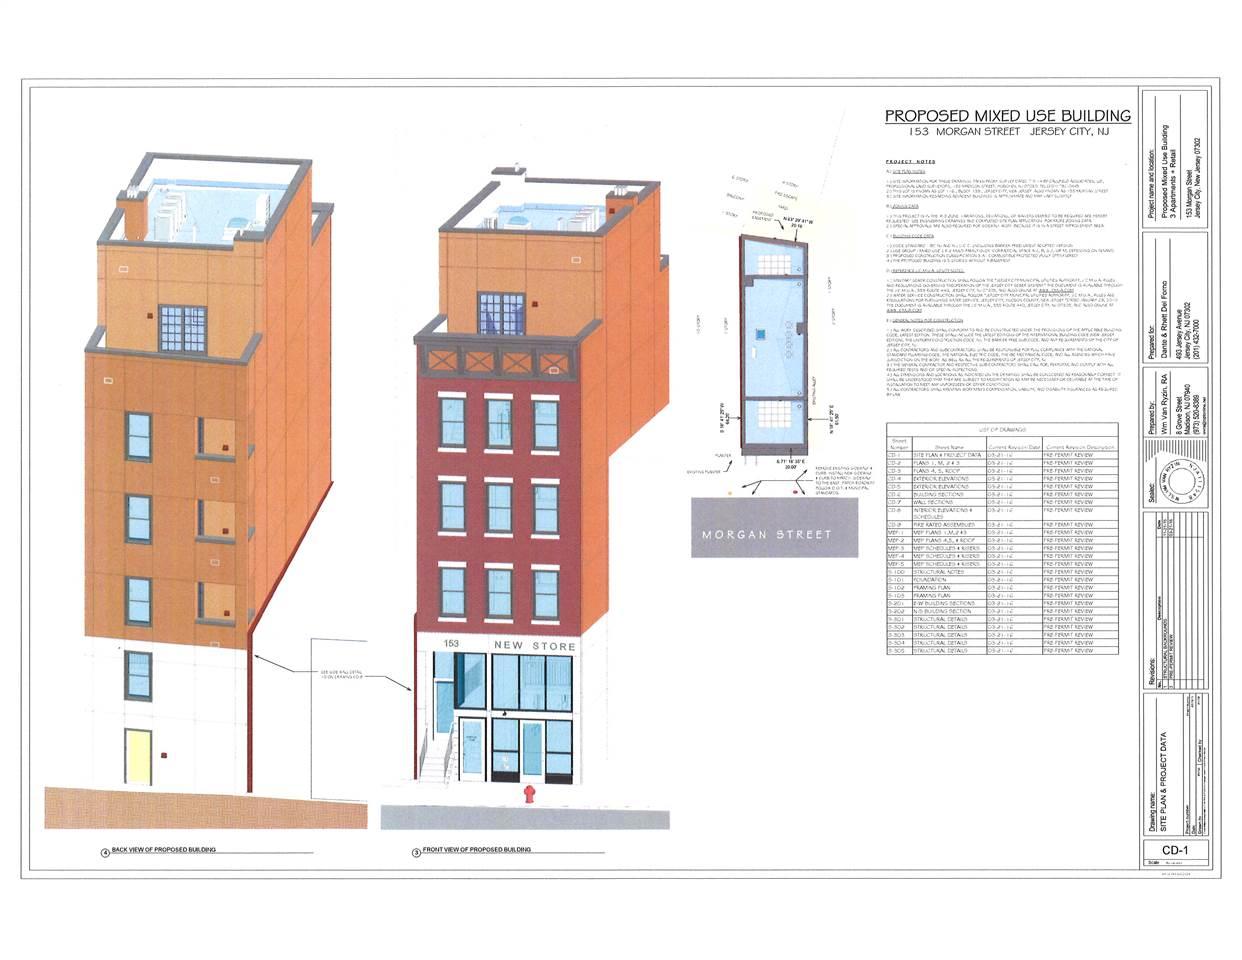 153 MORGAN ST, JC, Downtown, NJ 07302